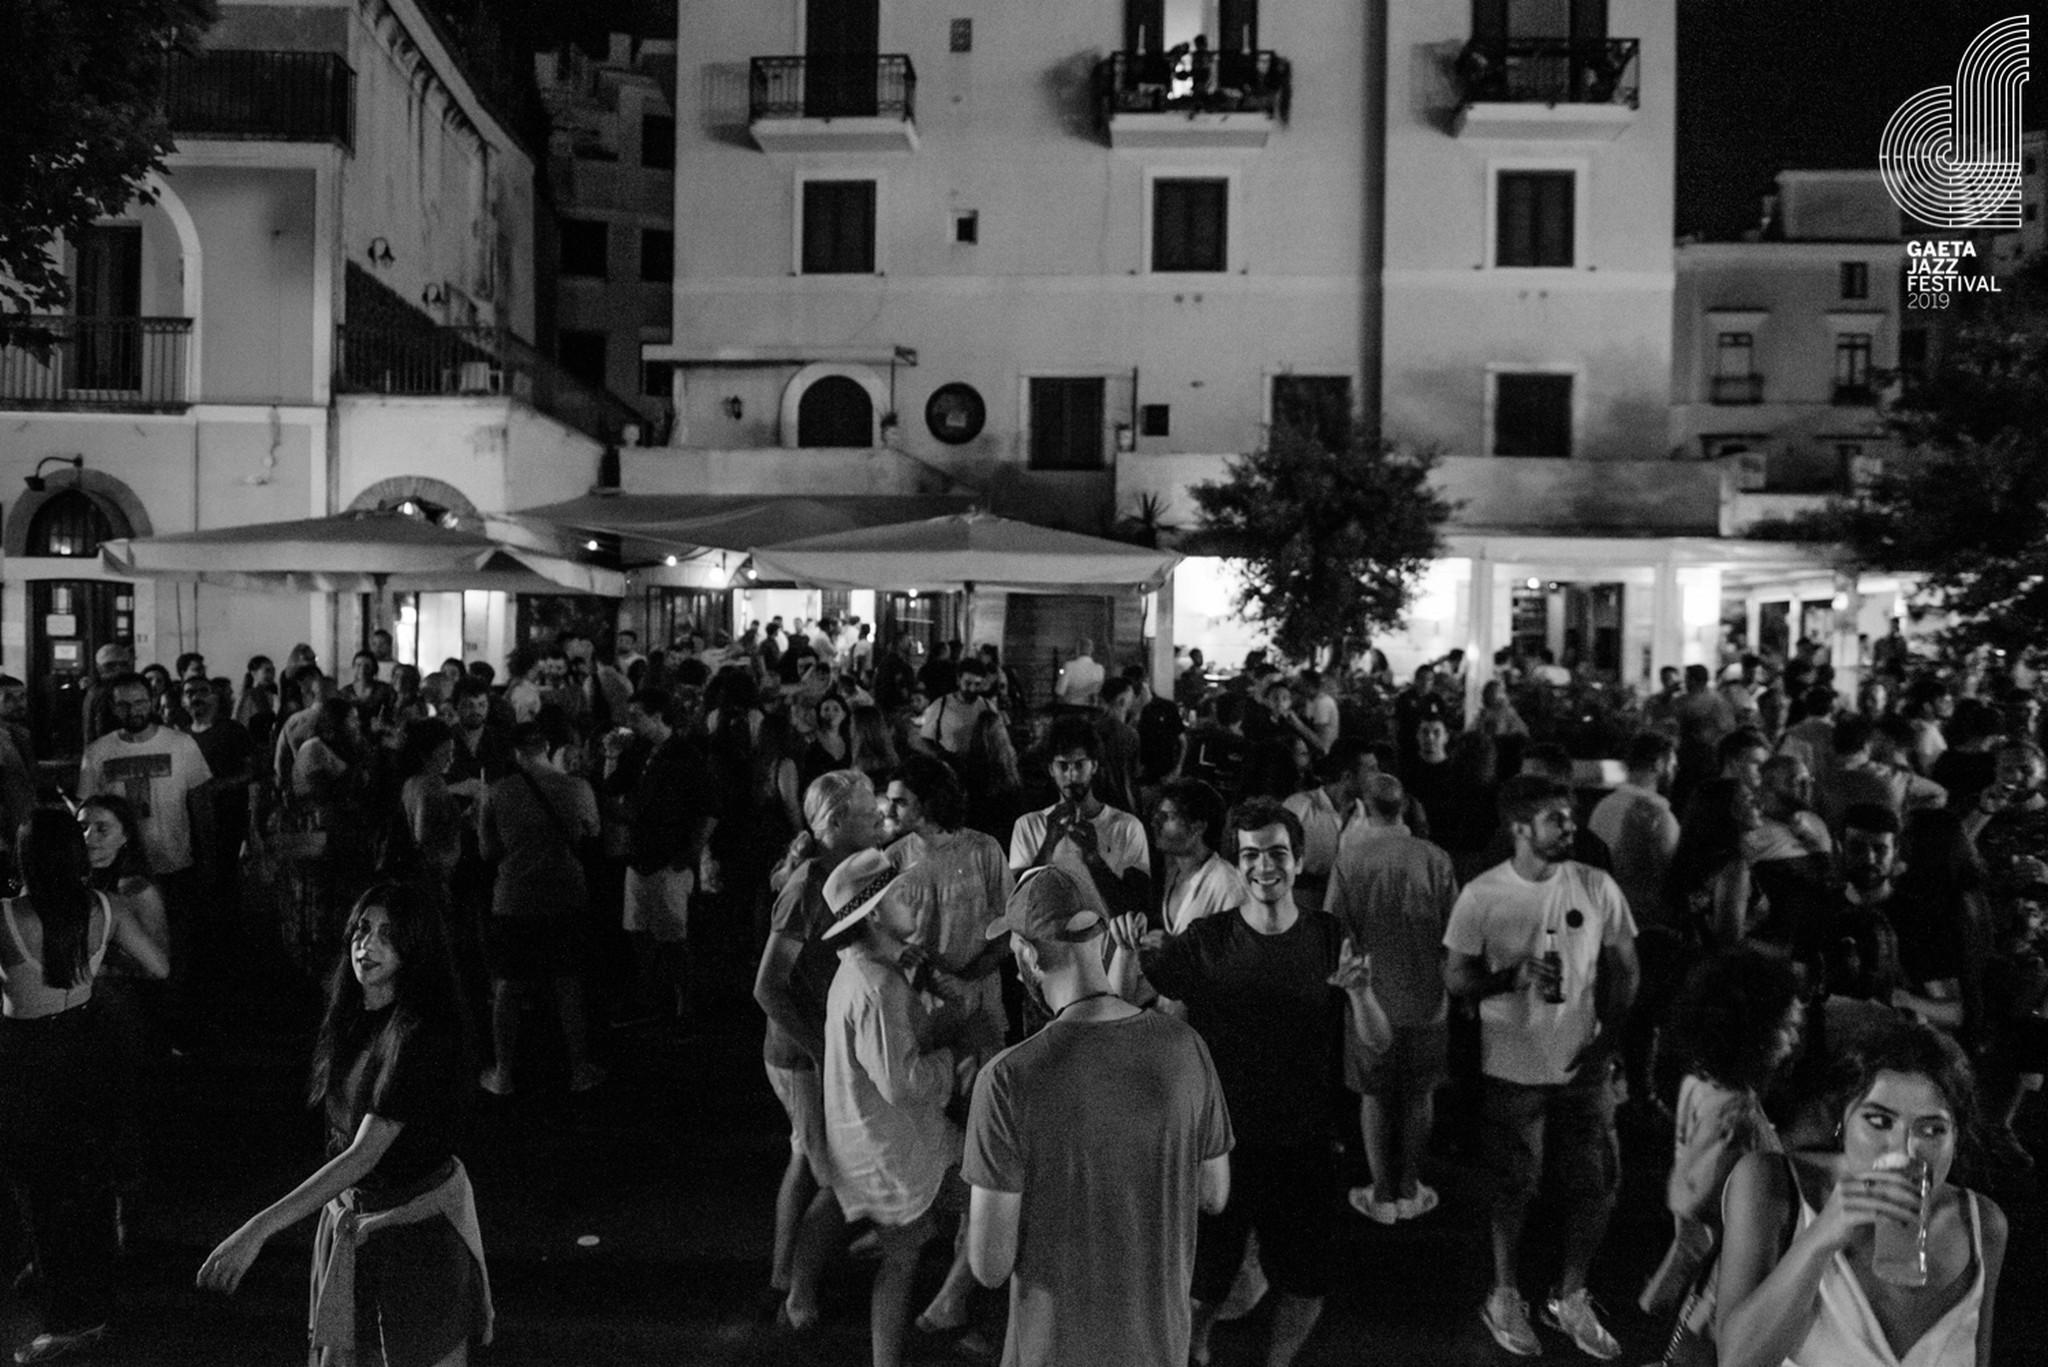 Flavia_Fiengo_Gaeta_Jazz_Festival_live_2019__00077